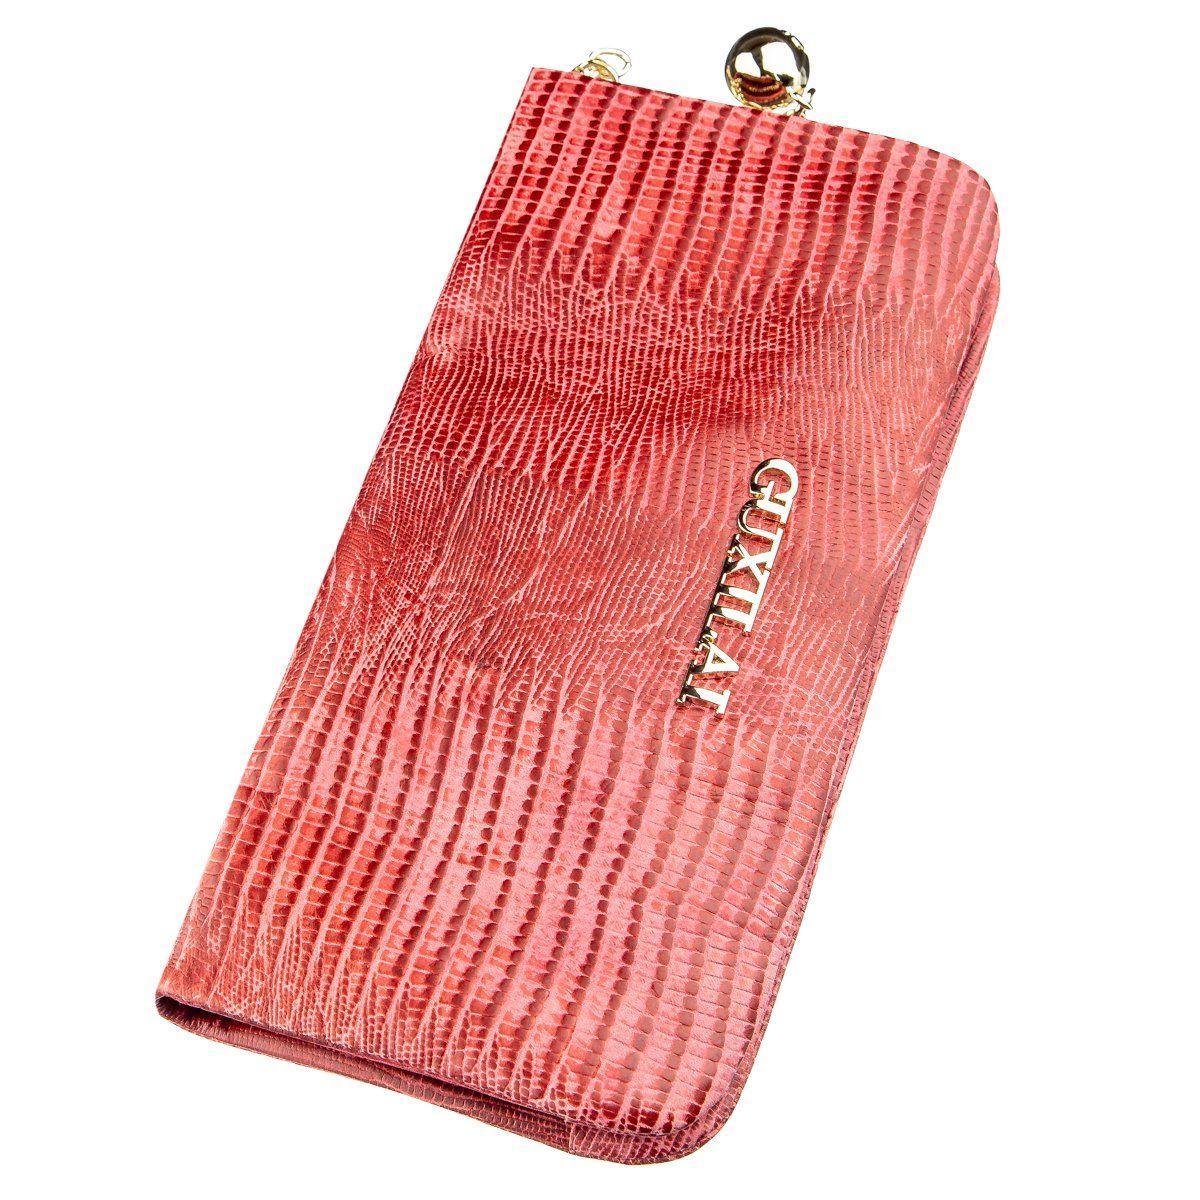 Кошелек женский кожаный с тиснением Guxilai 18967 Красный